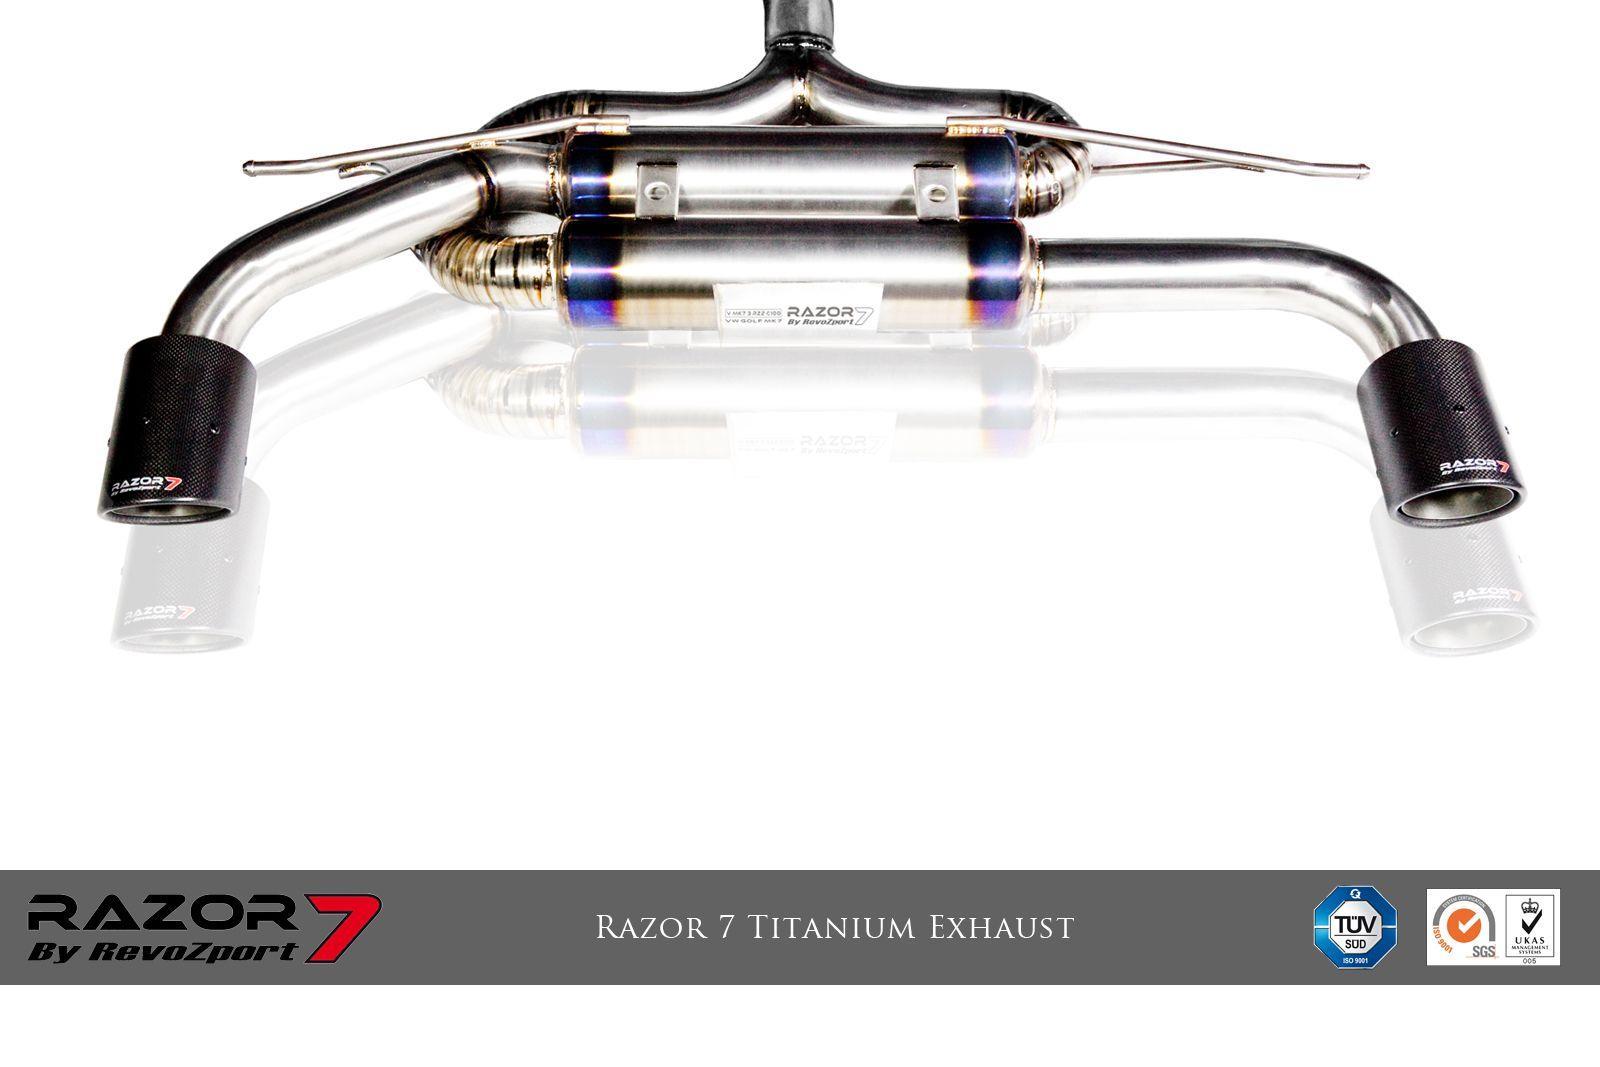 Razor 7 Titanium Exhaust